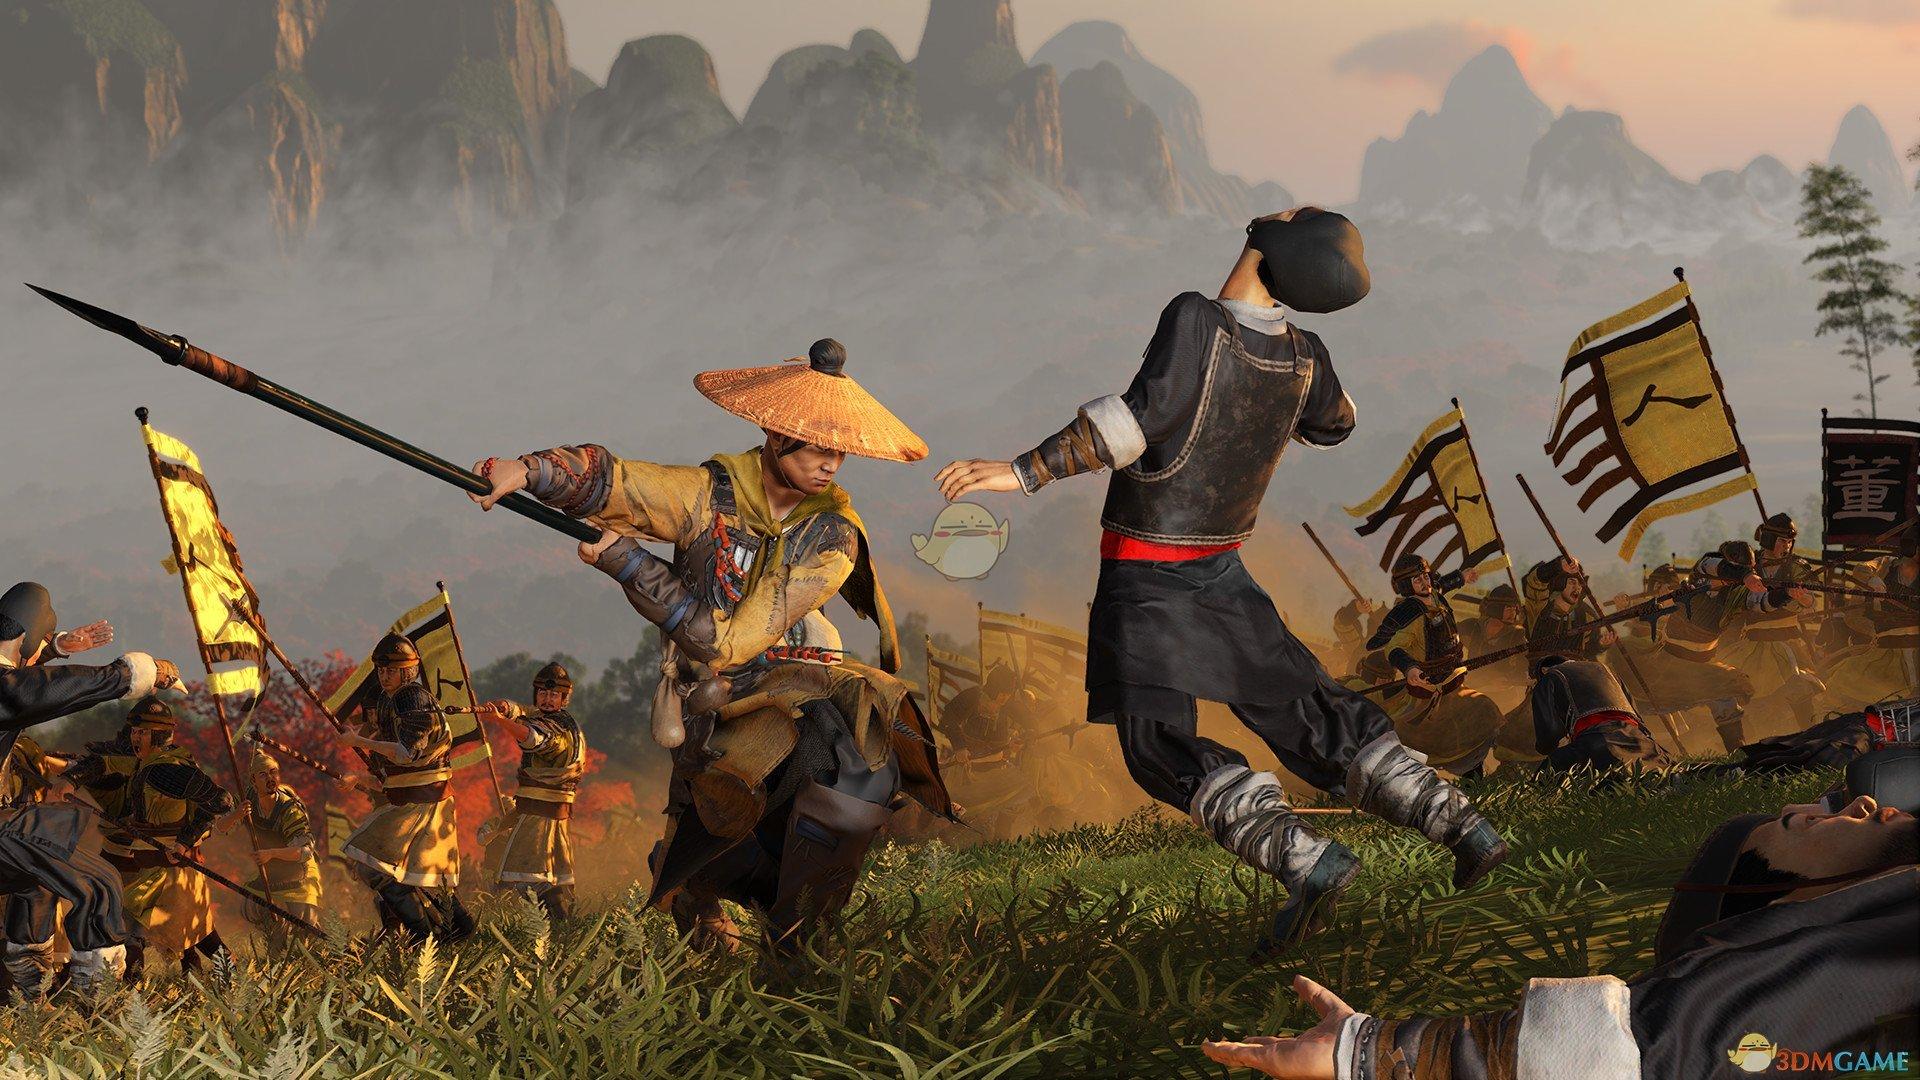 《全面战争:三国》官方游戏DLC计划分享